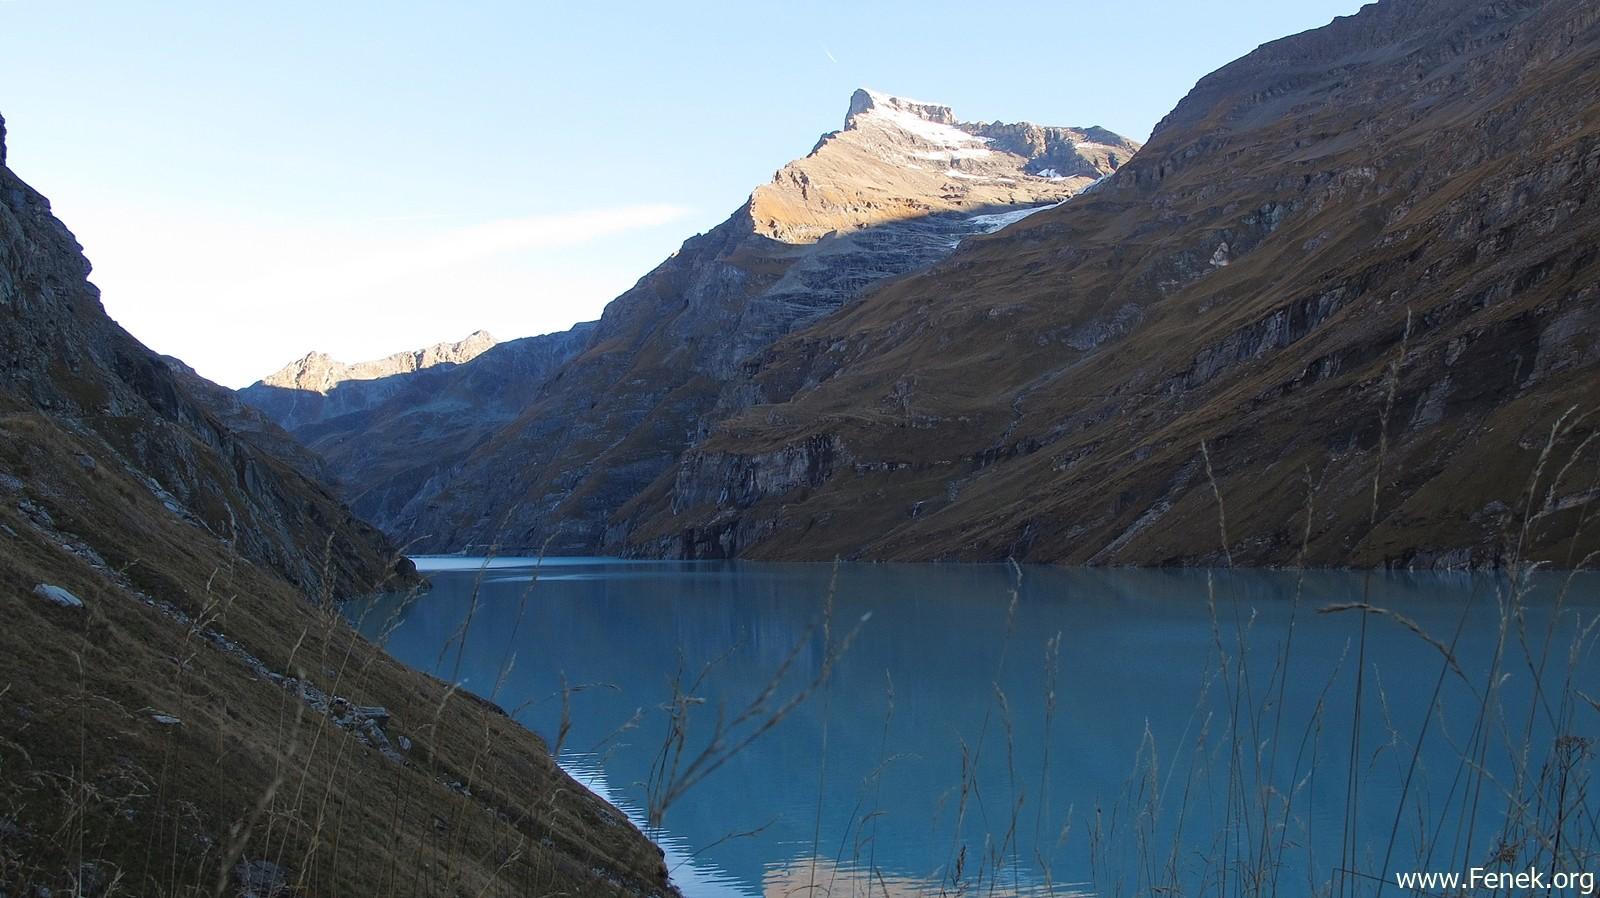 Lac de Mauvoisin mit Le Pleureur